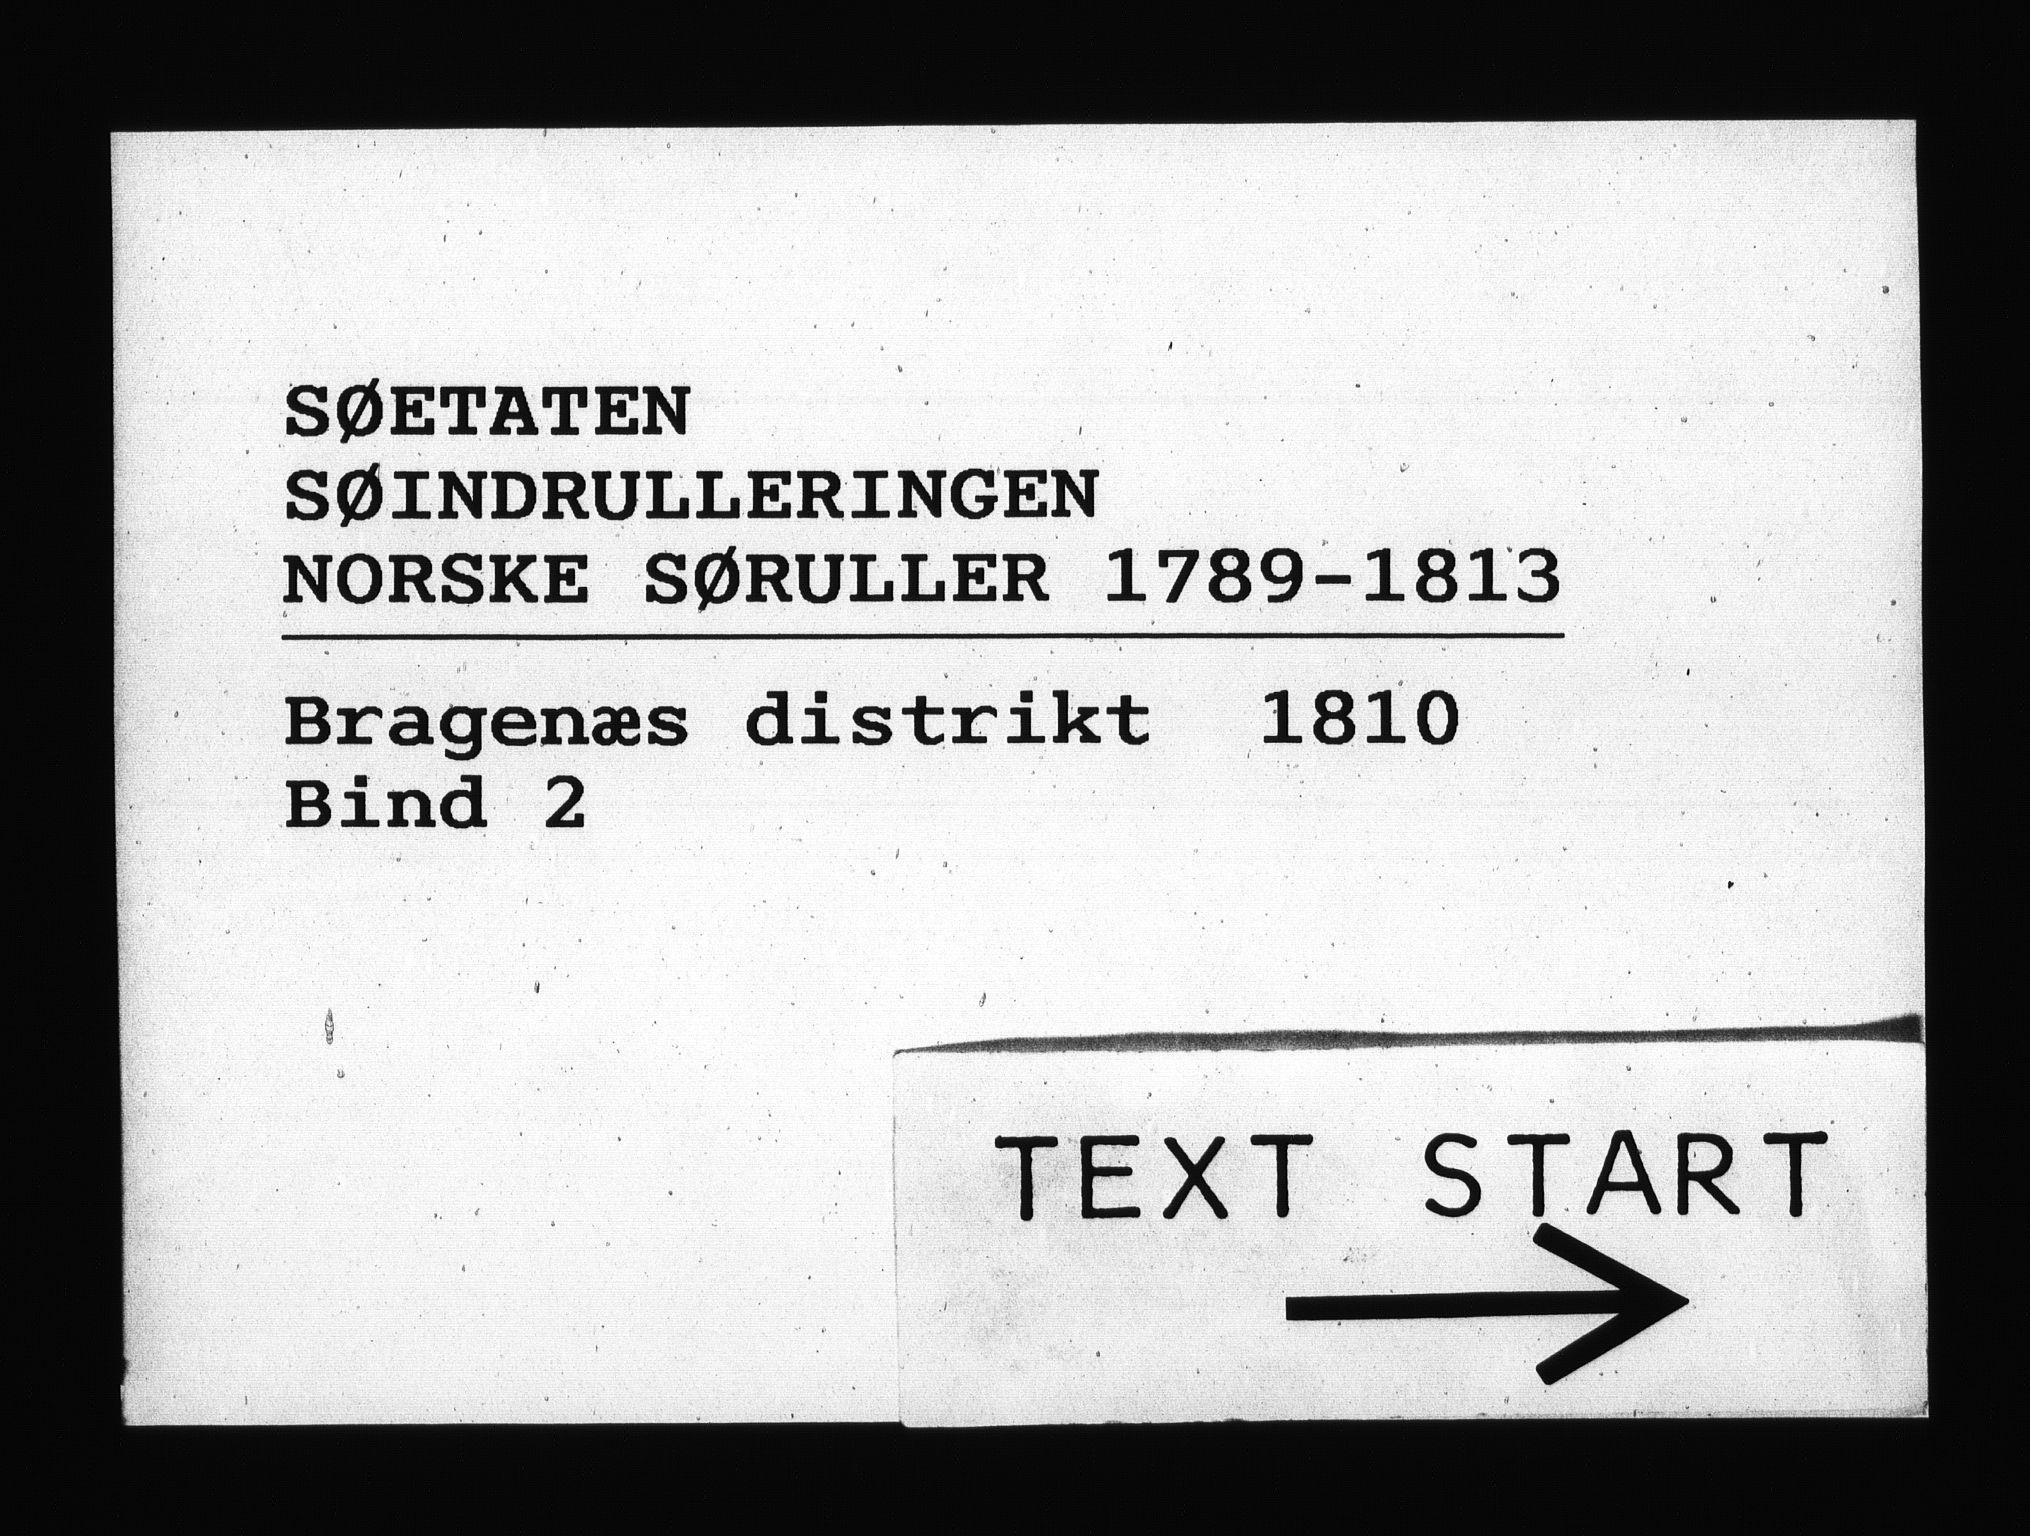 RA, Sjøetaten, F/L0158: Bragernes distrikt, bind 2, 1810